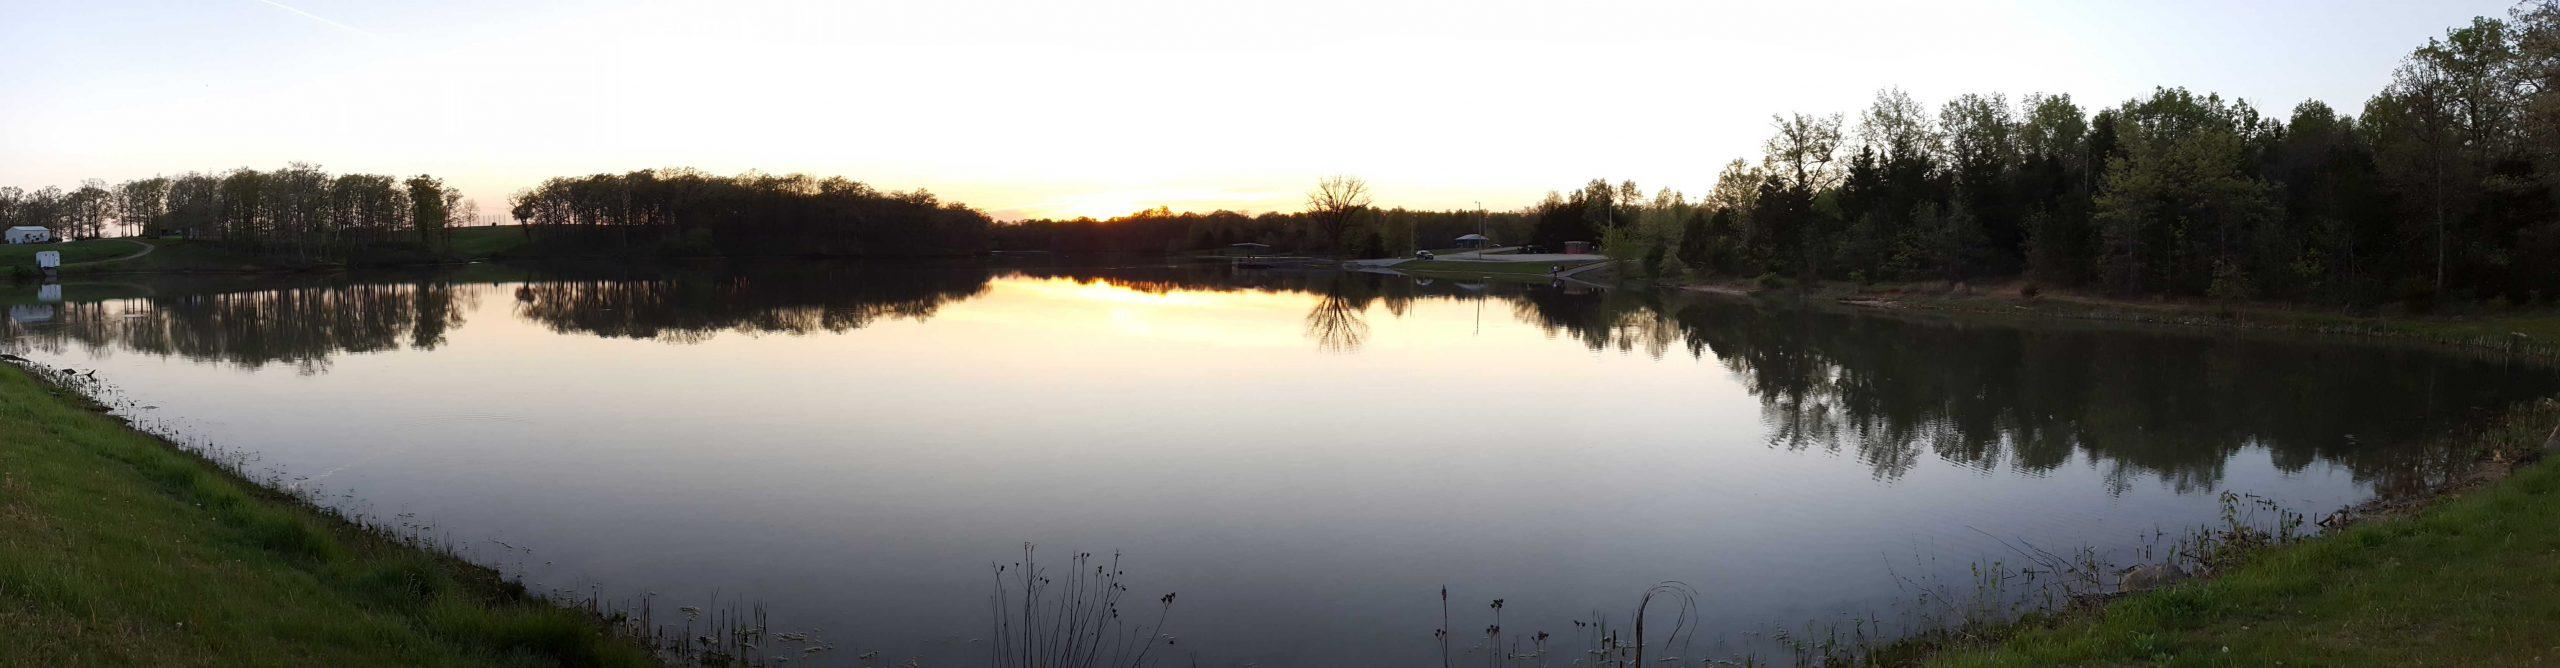 Pine Ridge Lake